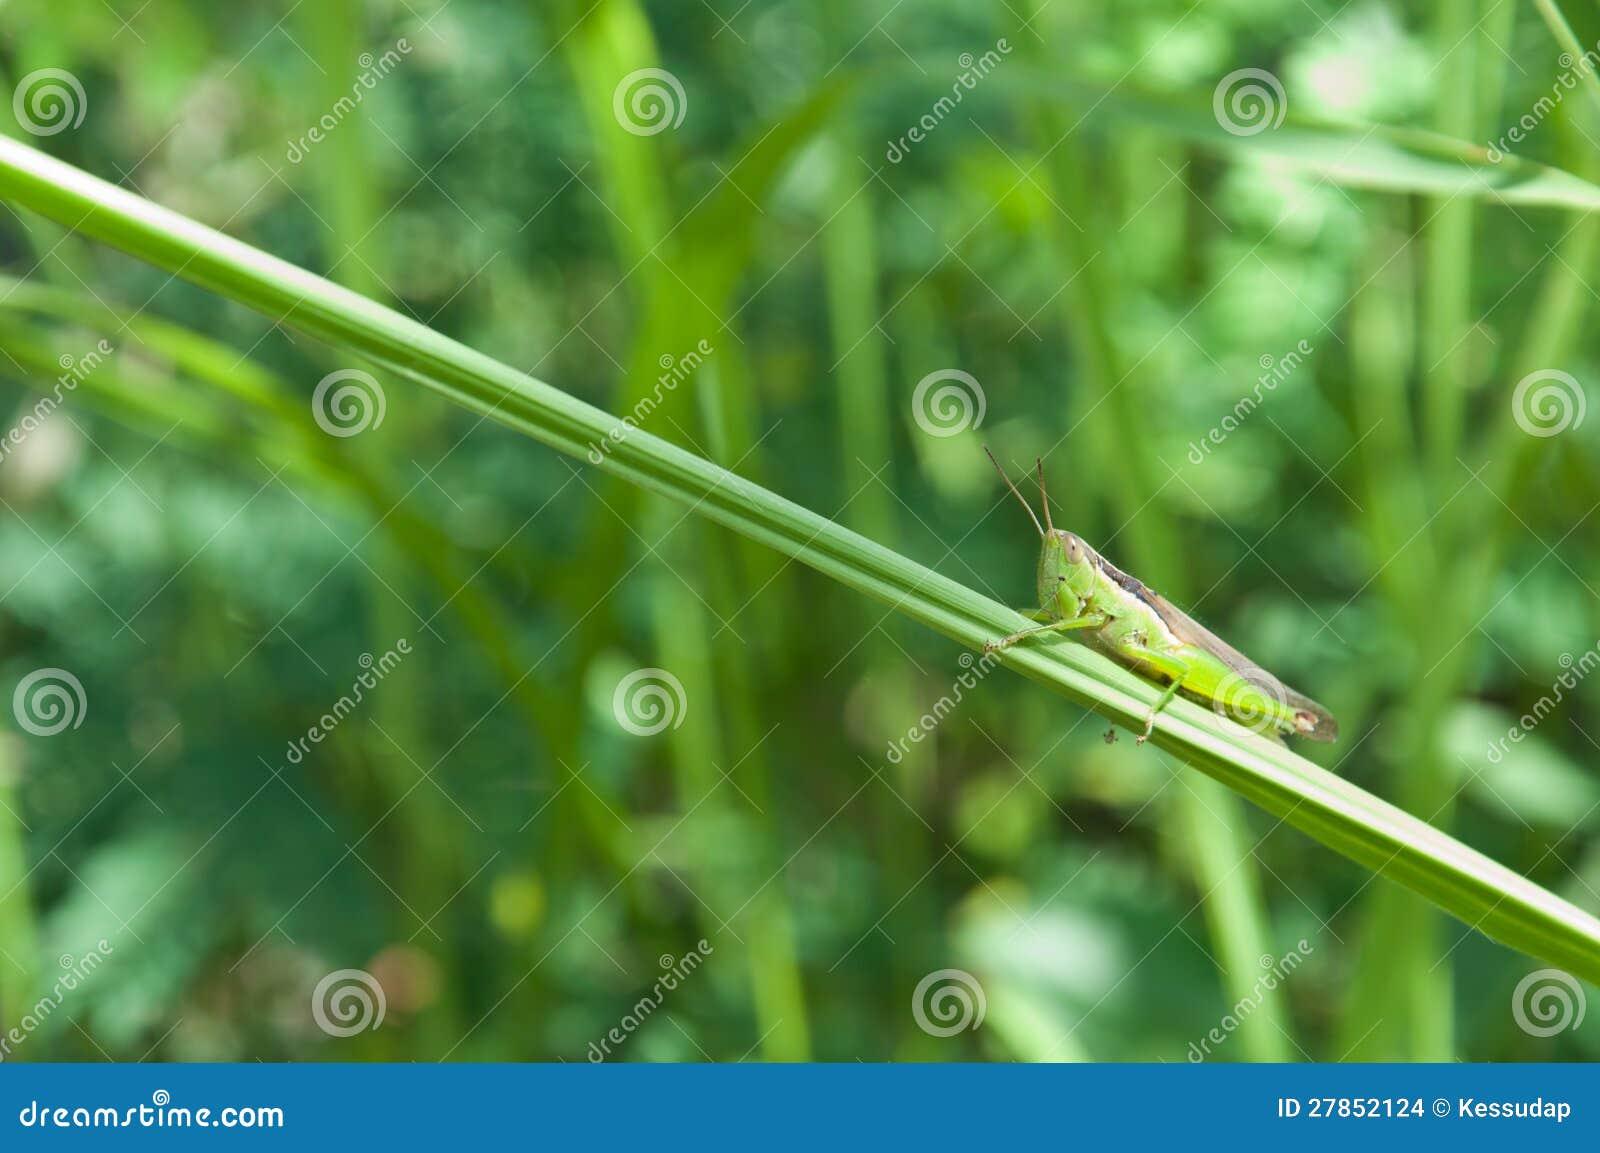 Na trawie zielony pasikonik